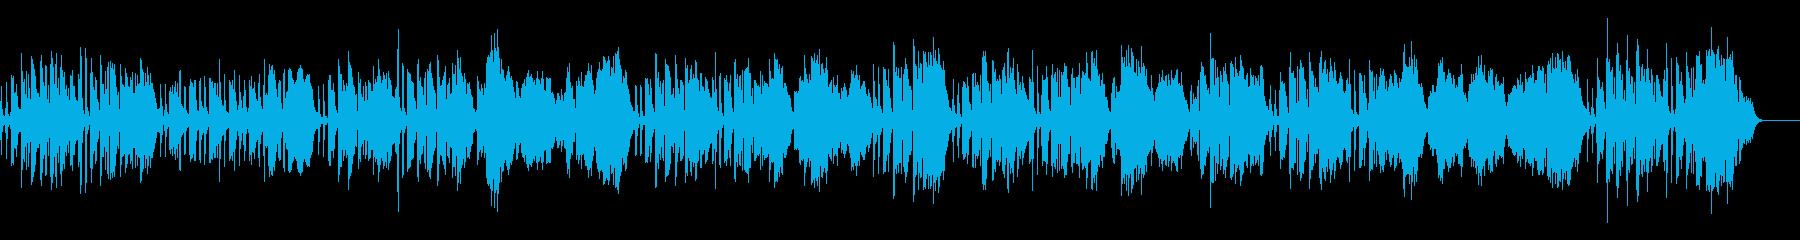 マルティーニ/ガヴォット(ヴァイオリン)の再生済みの波形